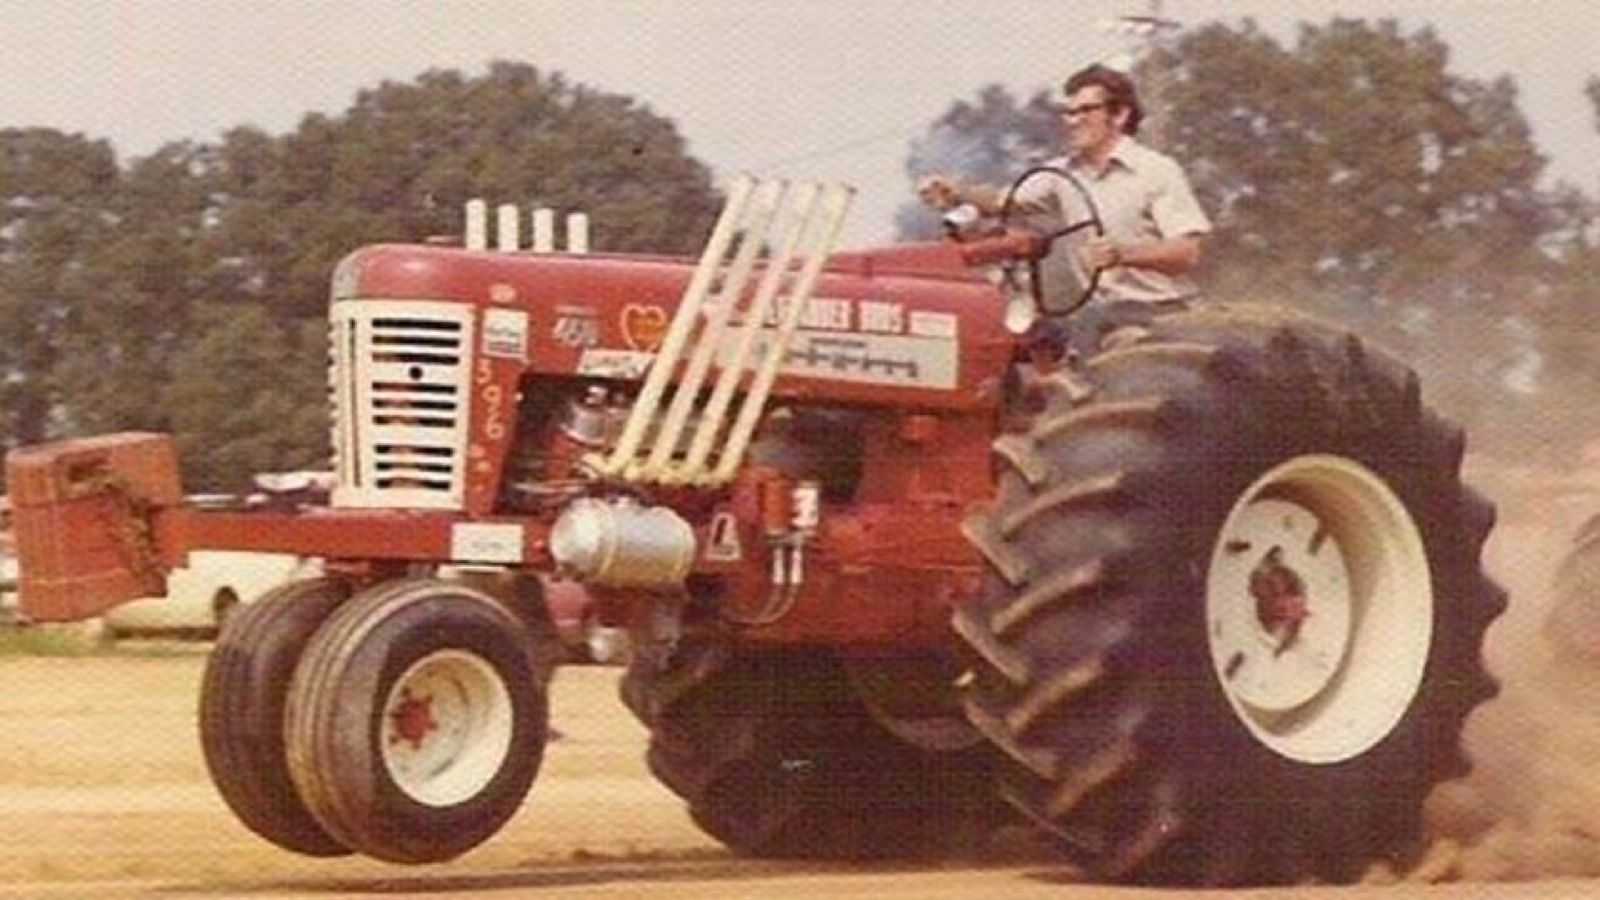 Ih Pulling Tractors : Farmall v pulling tractor tractors pinterest